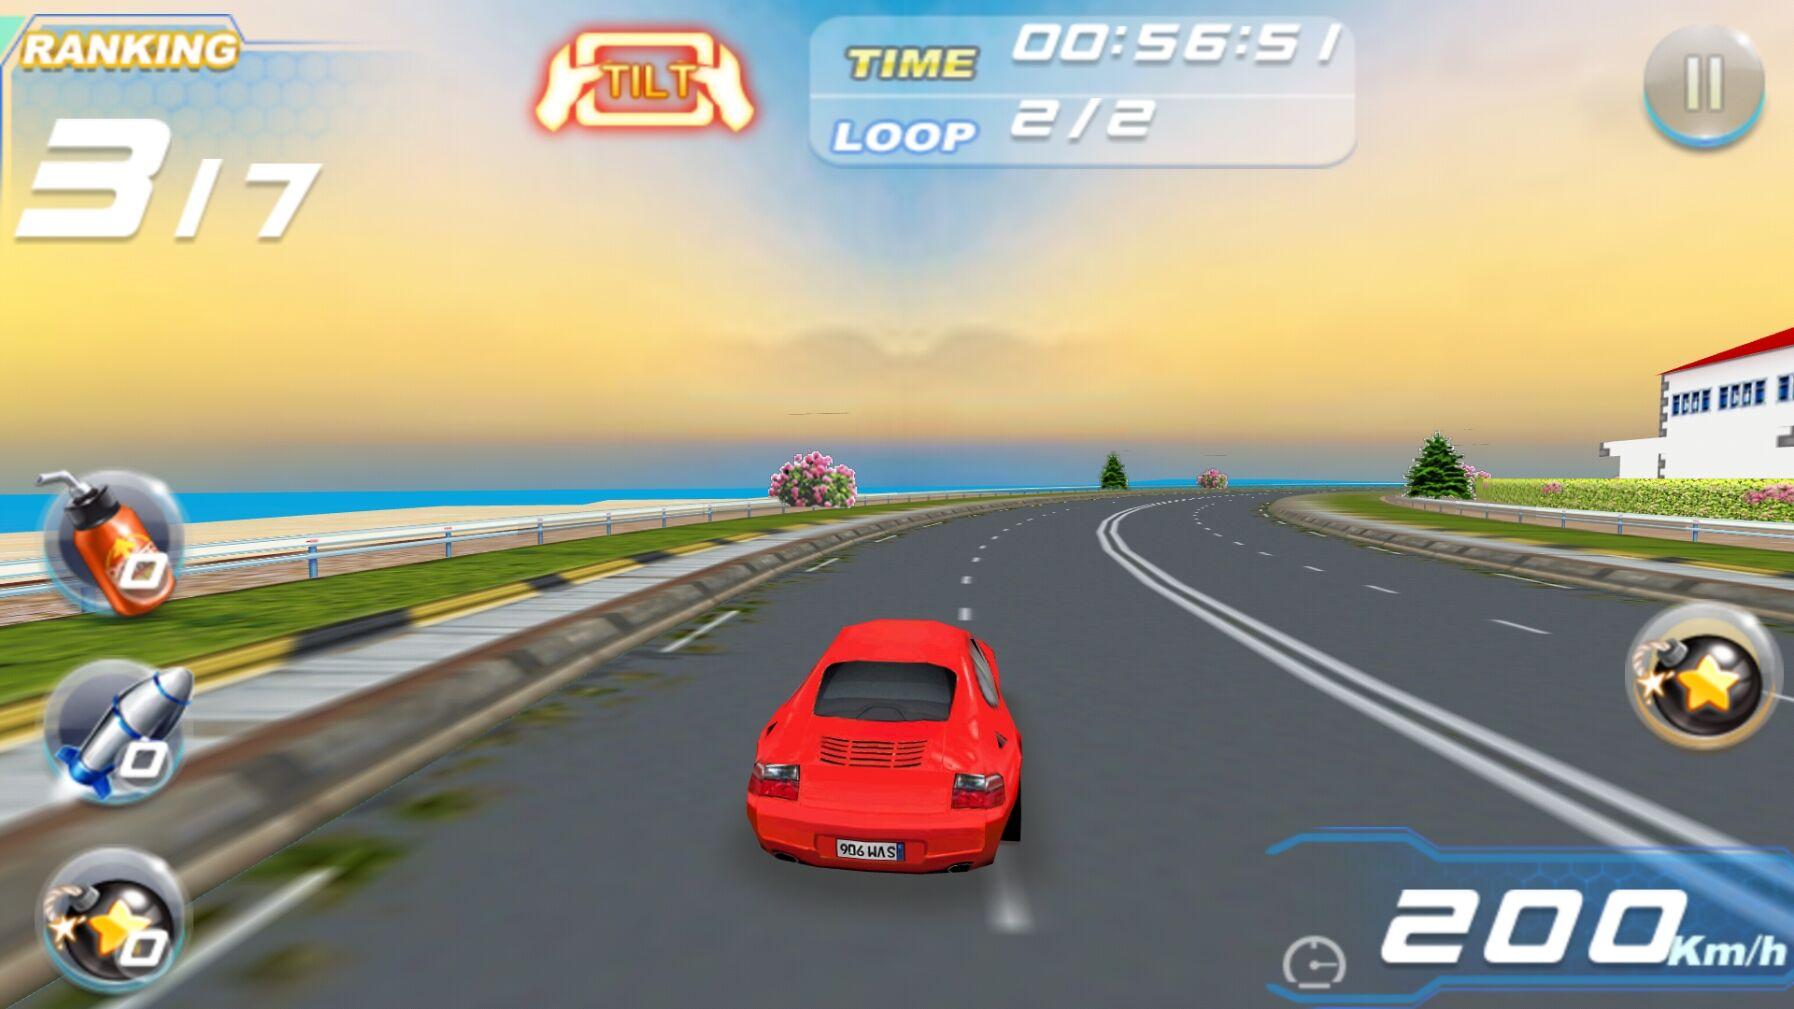 赛车高手极速追踪 v1.3截图